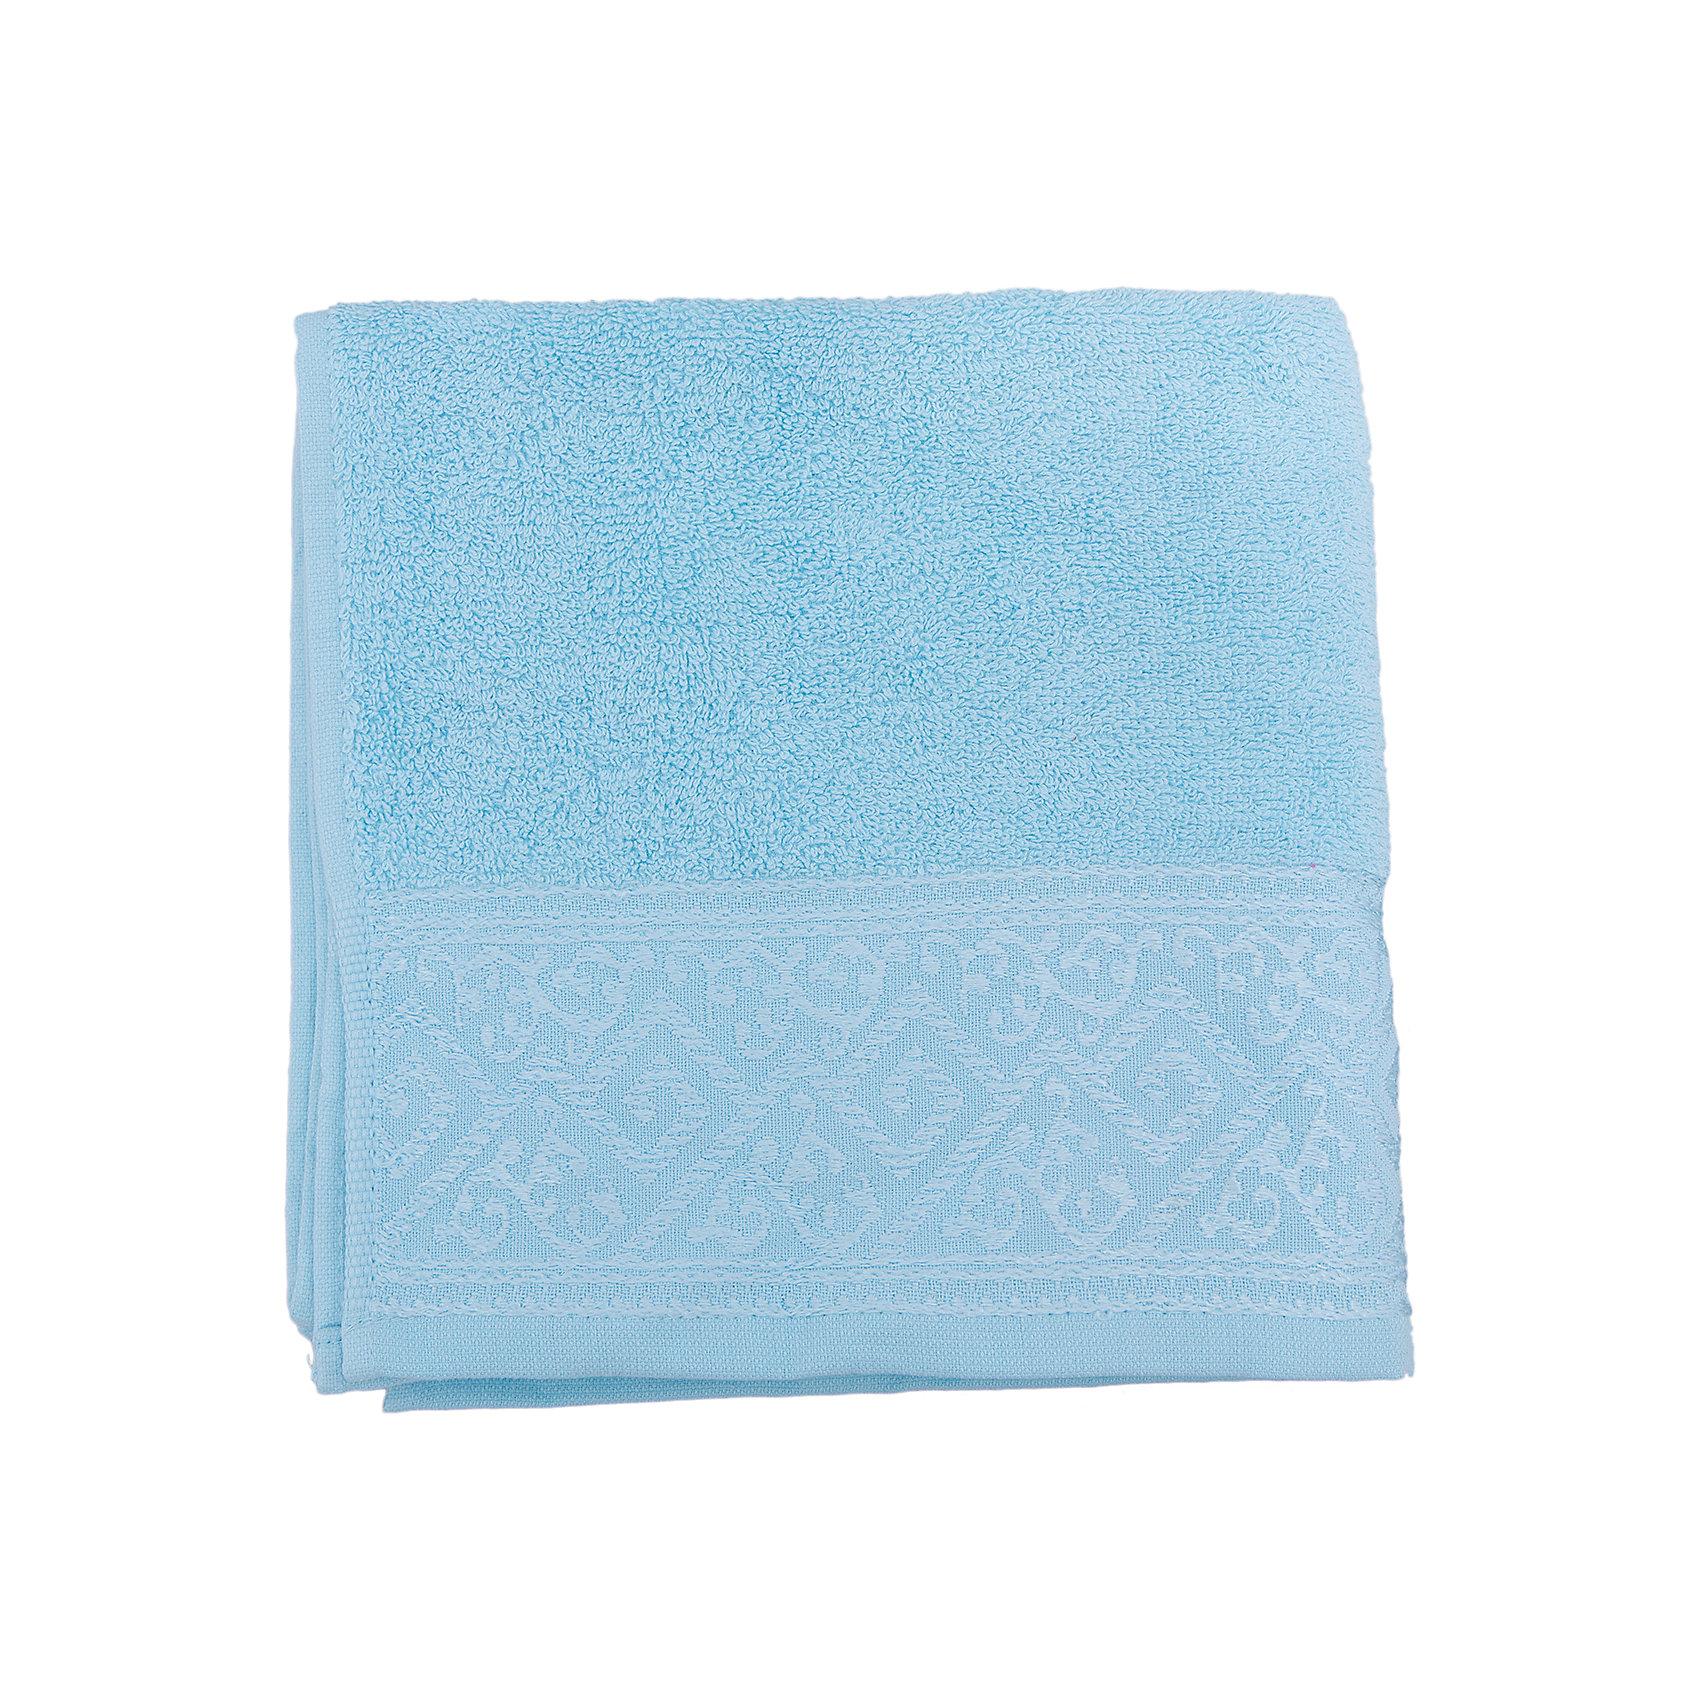 Полотенце махровое Majolica 50*100, Португалия, небесно-голубойМахровое полотенце Majolica изготовлено из натурального хлопка и соответствует всем требованиям качества. Оно сохранит цвет даже после многих стирок, подарит мягкость и замечательно впитает воду. Полотенце украшено необычным орнаментом по краю.<br><br>Дополнительная информация:<br>Материал: 100% хлопок<br>Плотность: 500 г/м2<br>Размер: 50х100 см<br>Цвет: небесно-голубой<br>Торговая марка: Португалия<br><br>Вы можете купить махровое полотенце Majolica в нашем интернет-магазине.<br><br>Ширина мм: 500<br>Глубина мм: 500<br>Высота мм: 200<br>Вес г: 350<br>Возраст от месяцев: 0<br>Возраст до месяцев: 144<br>Пол: Унисекс<br>Возраст: Детский<br>SKU: 5010942